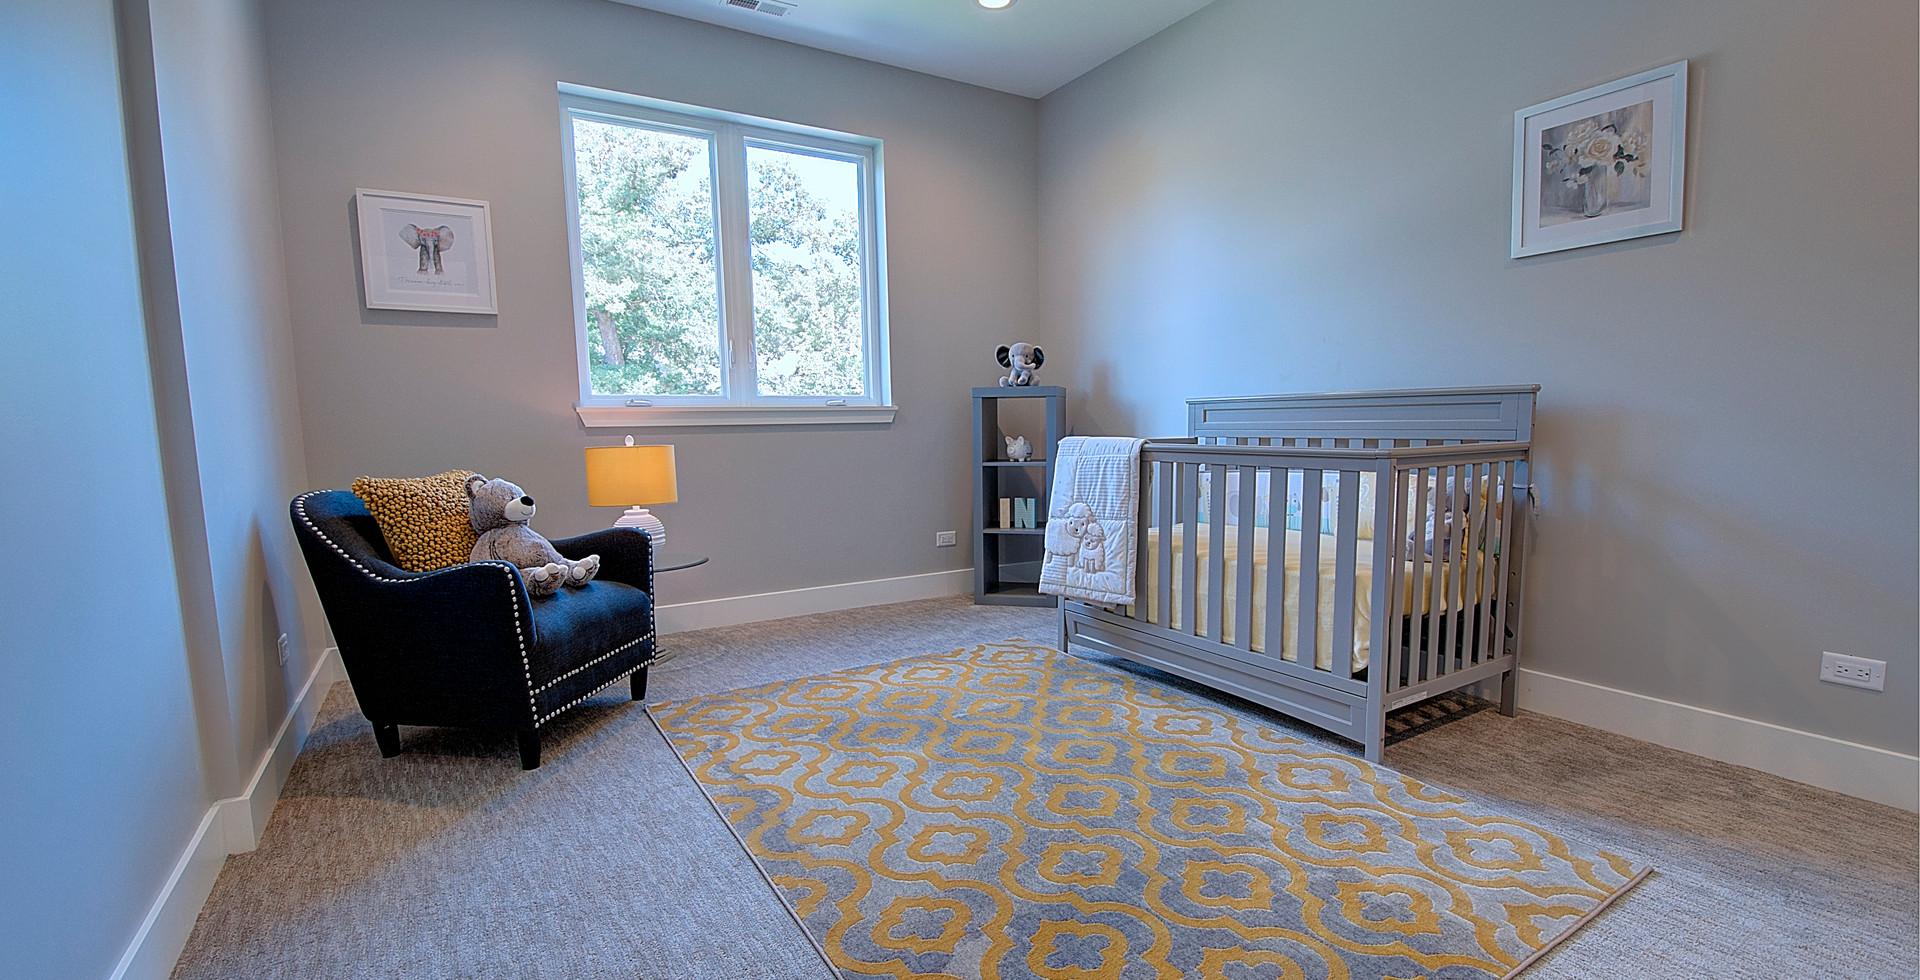 Bedroom in Darien designed by MRM Home Design.jpg